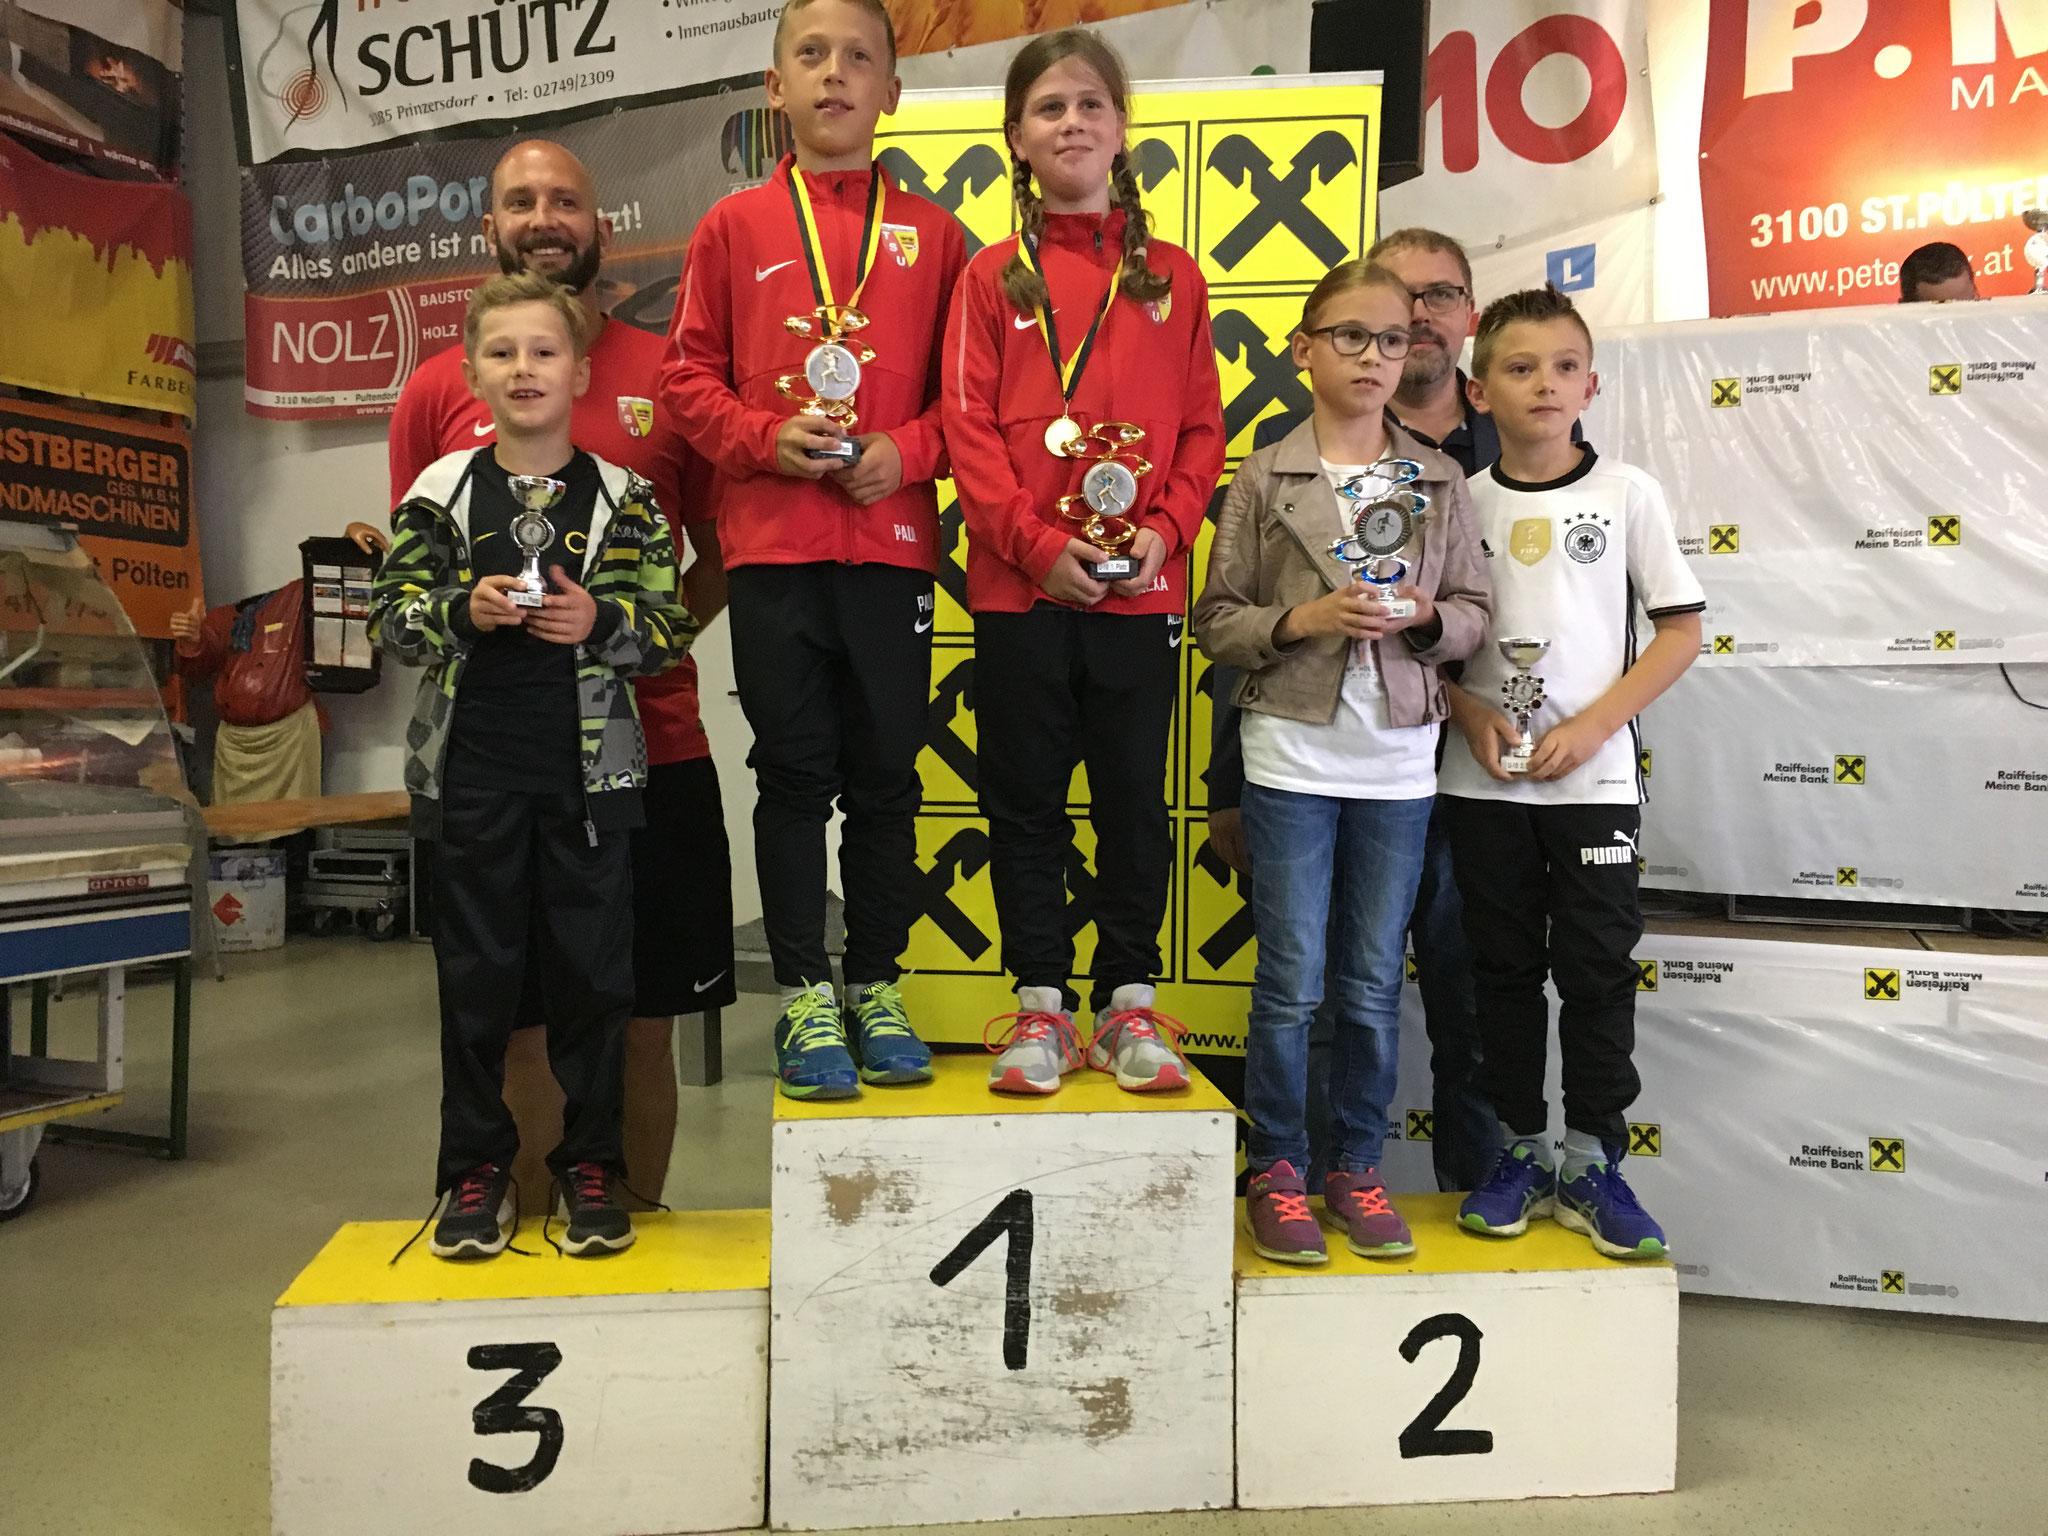 Nils belegt den 3. Platz in seiner Altersklasse